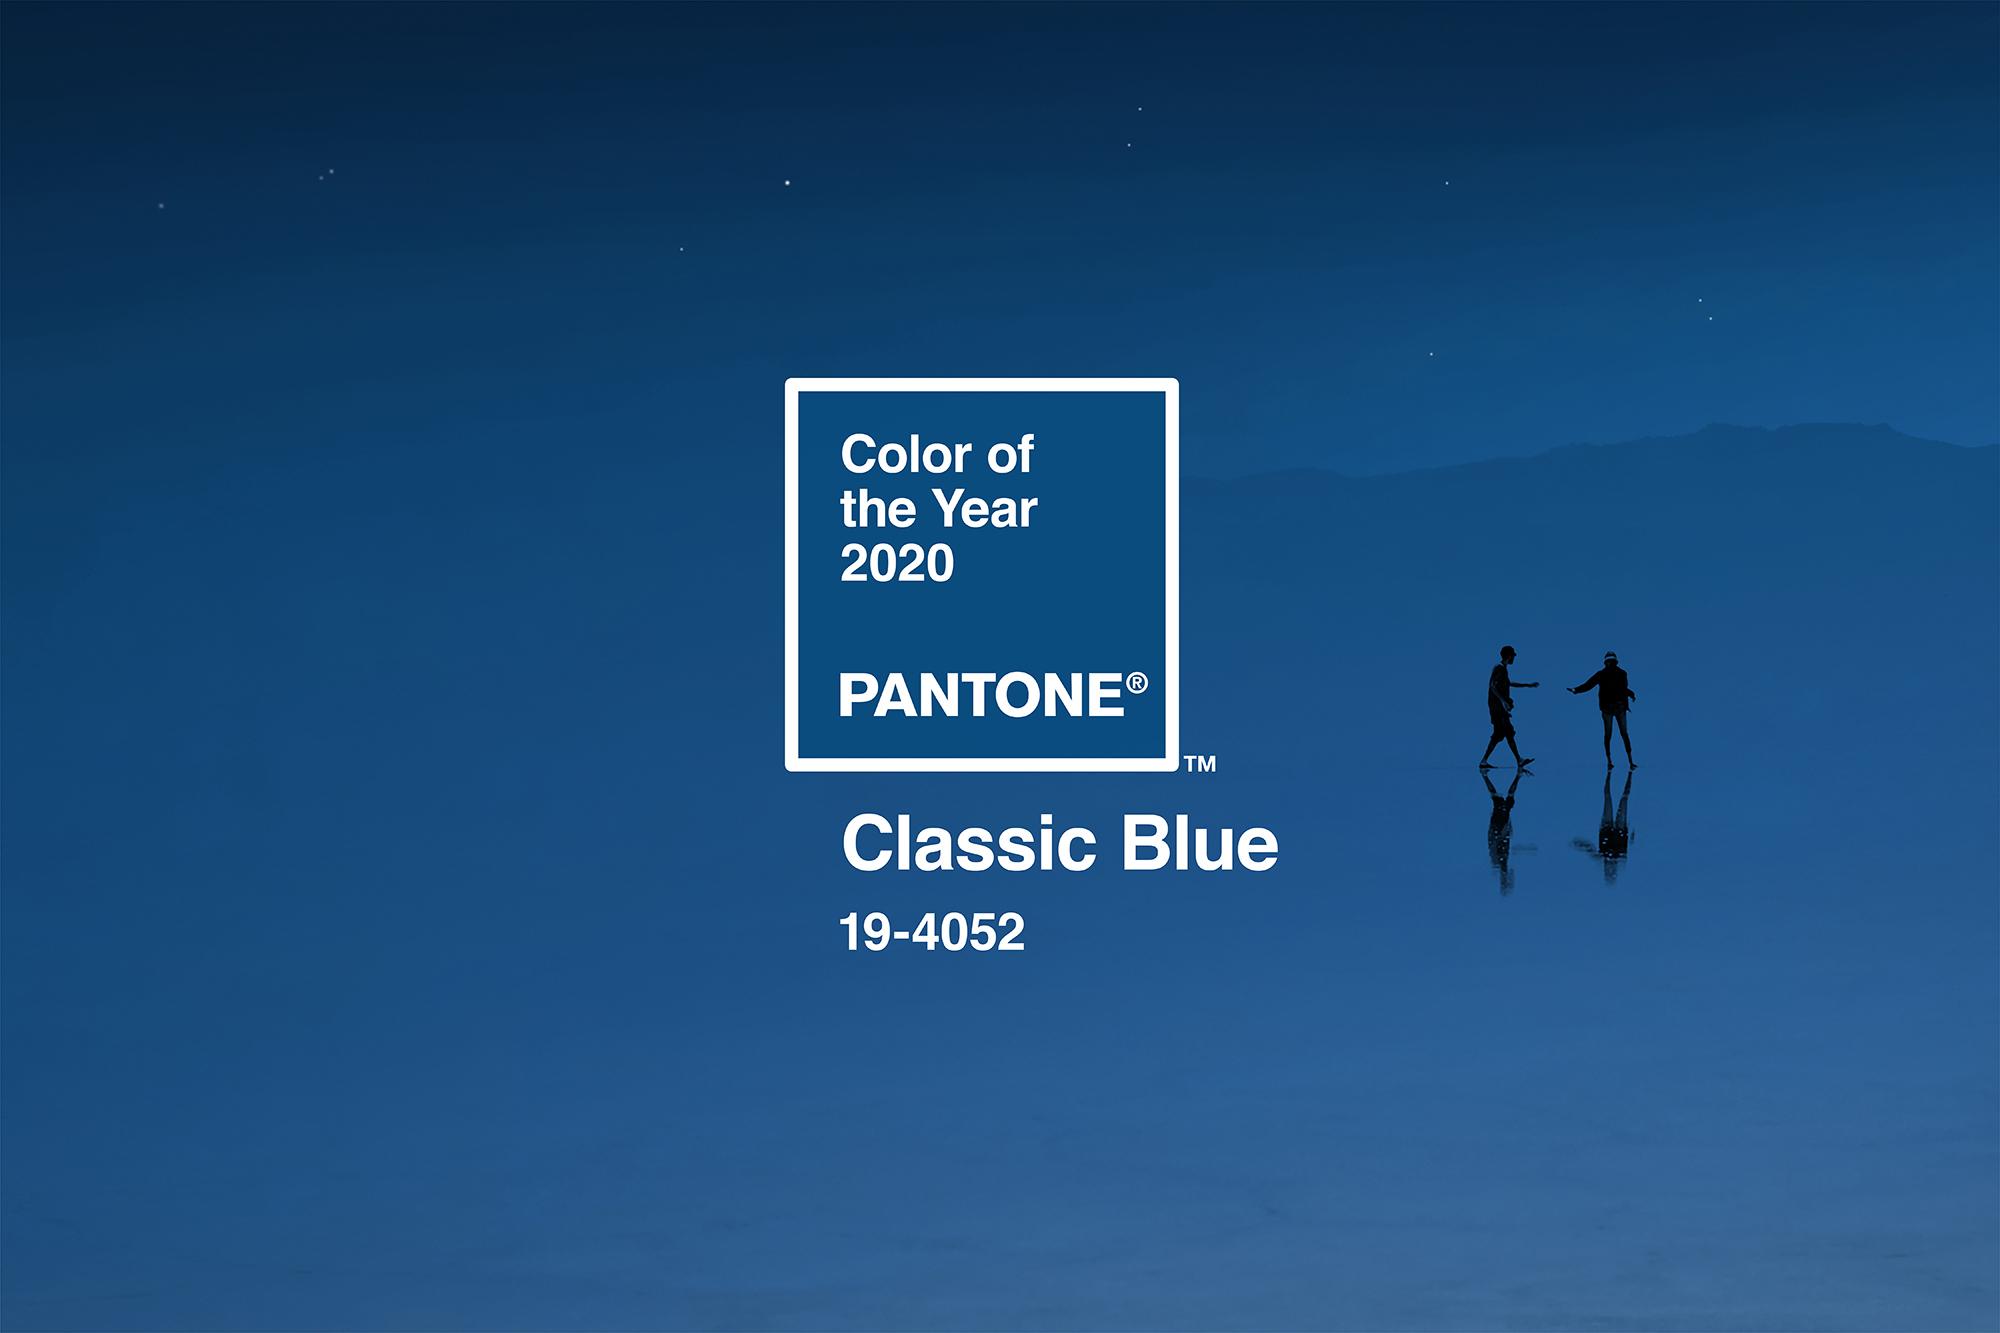 Classic Blue - Màu của năm 2020 vừa được Pantone công bố - RGB.vn